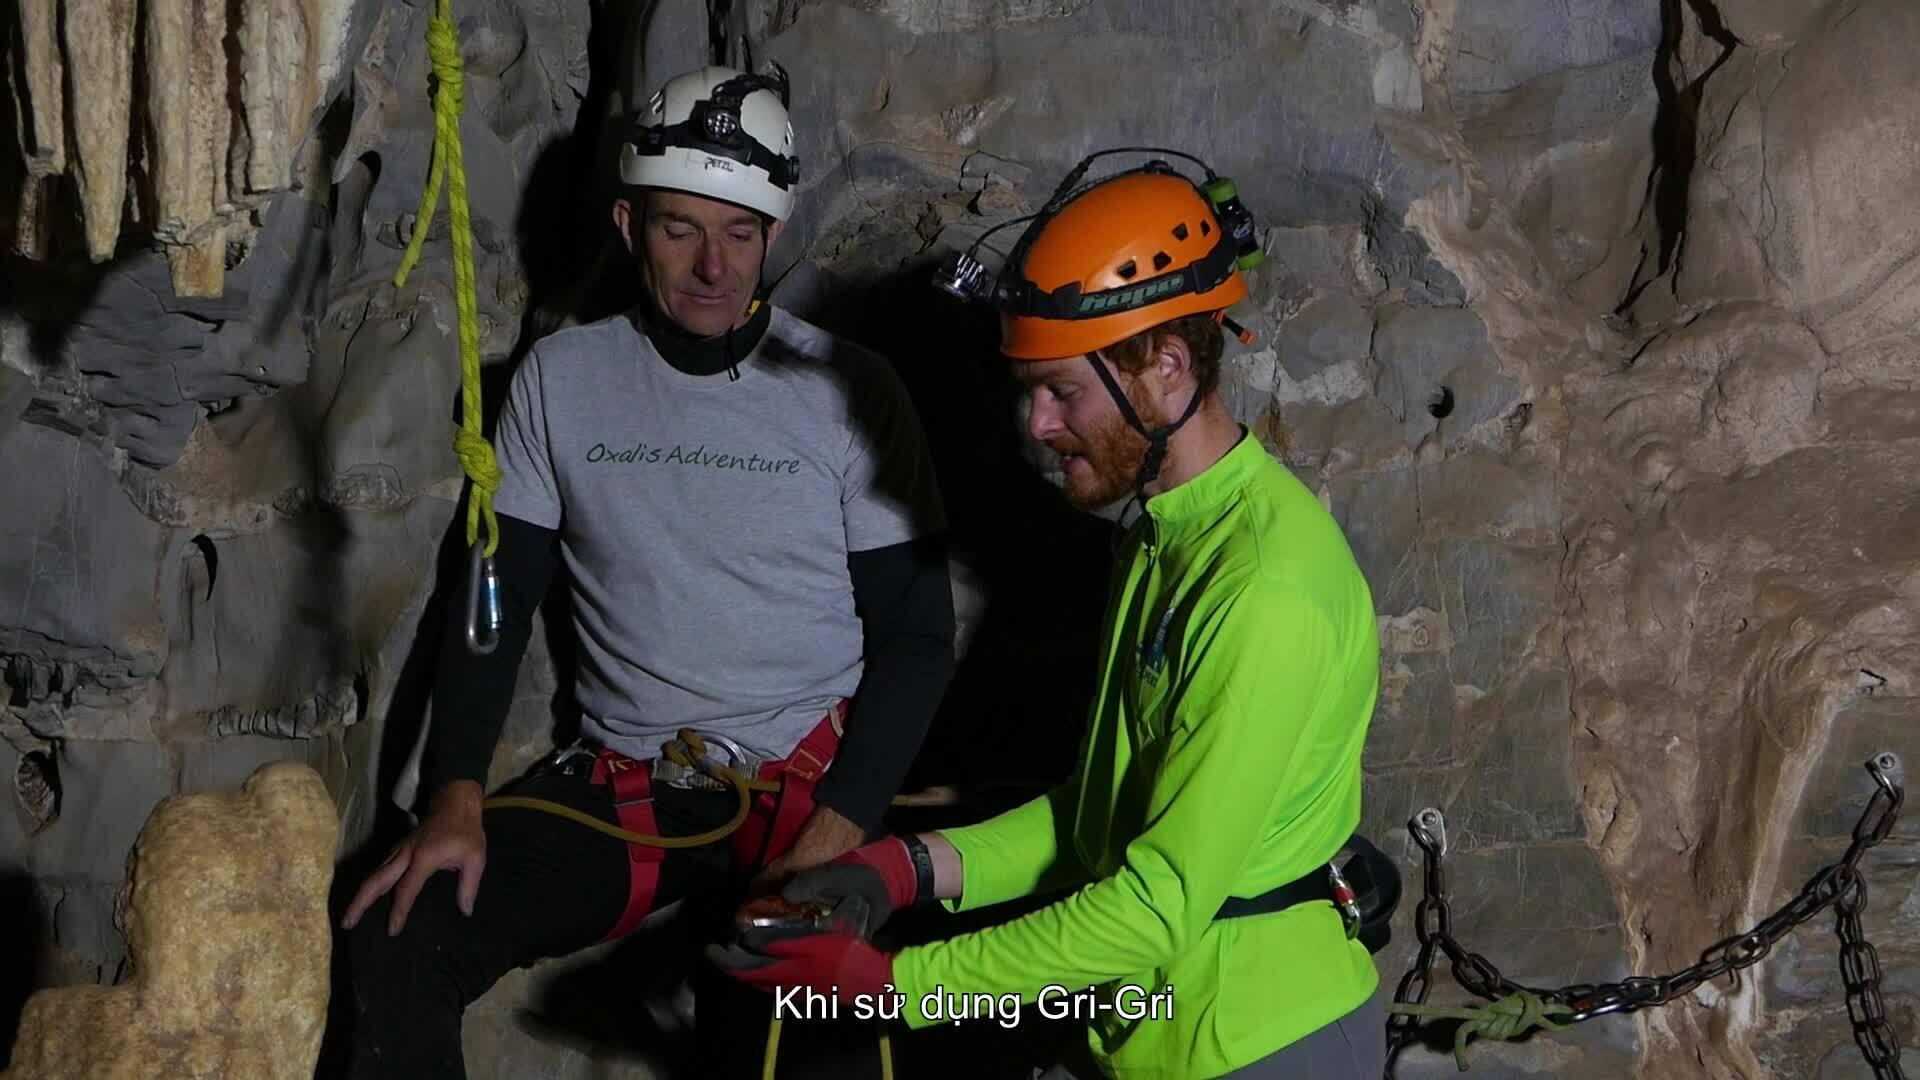 Cách sử dụng dây leo an toàn khi khám phá hang động